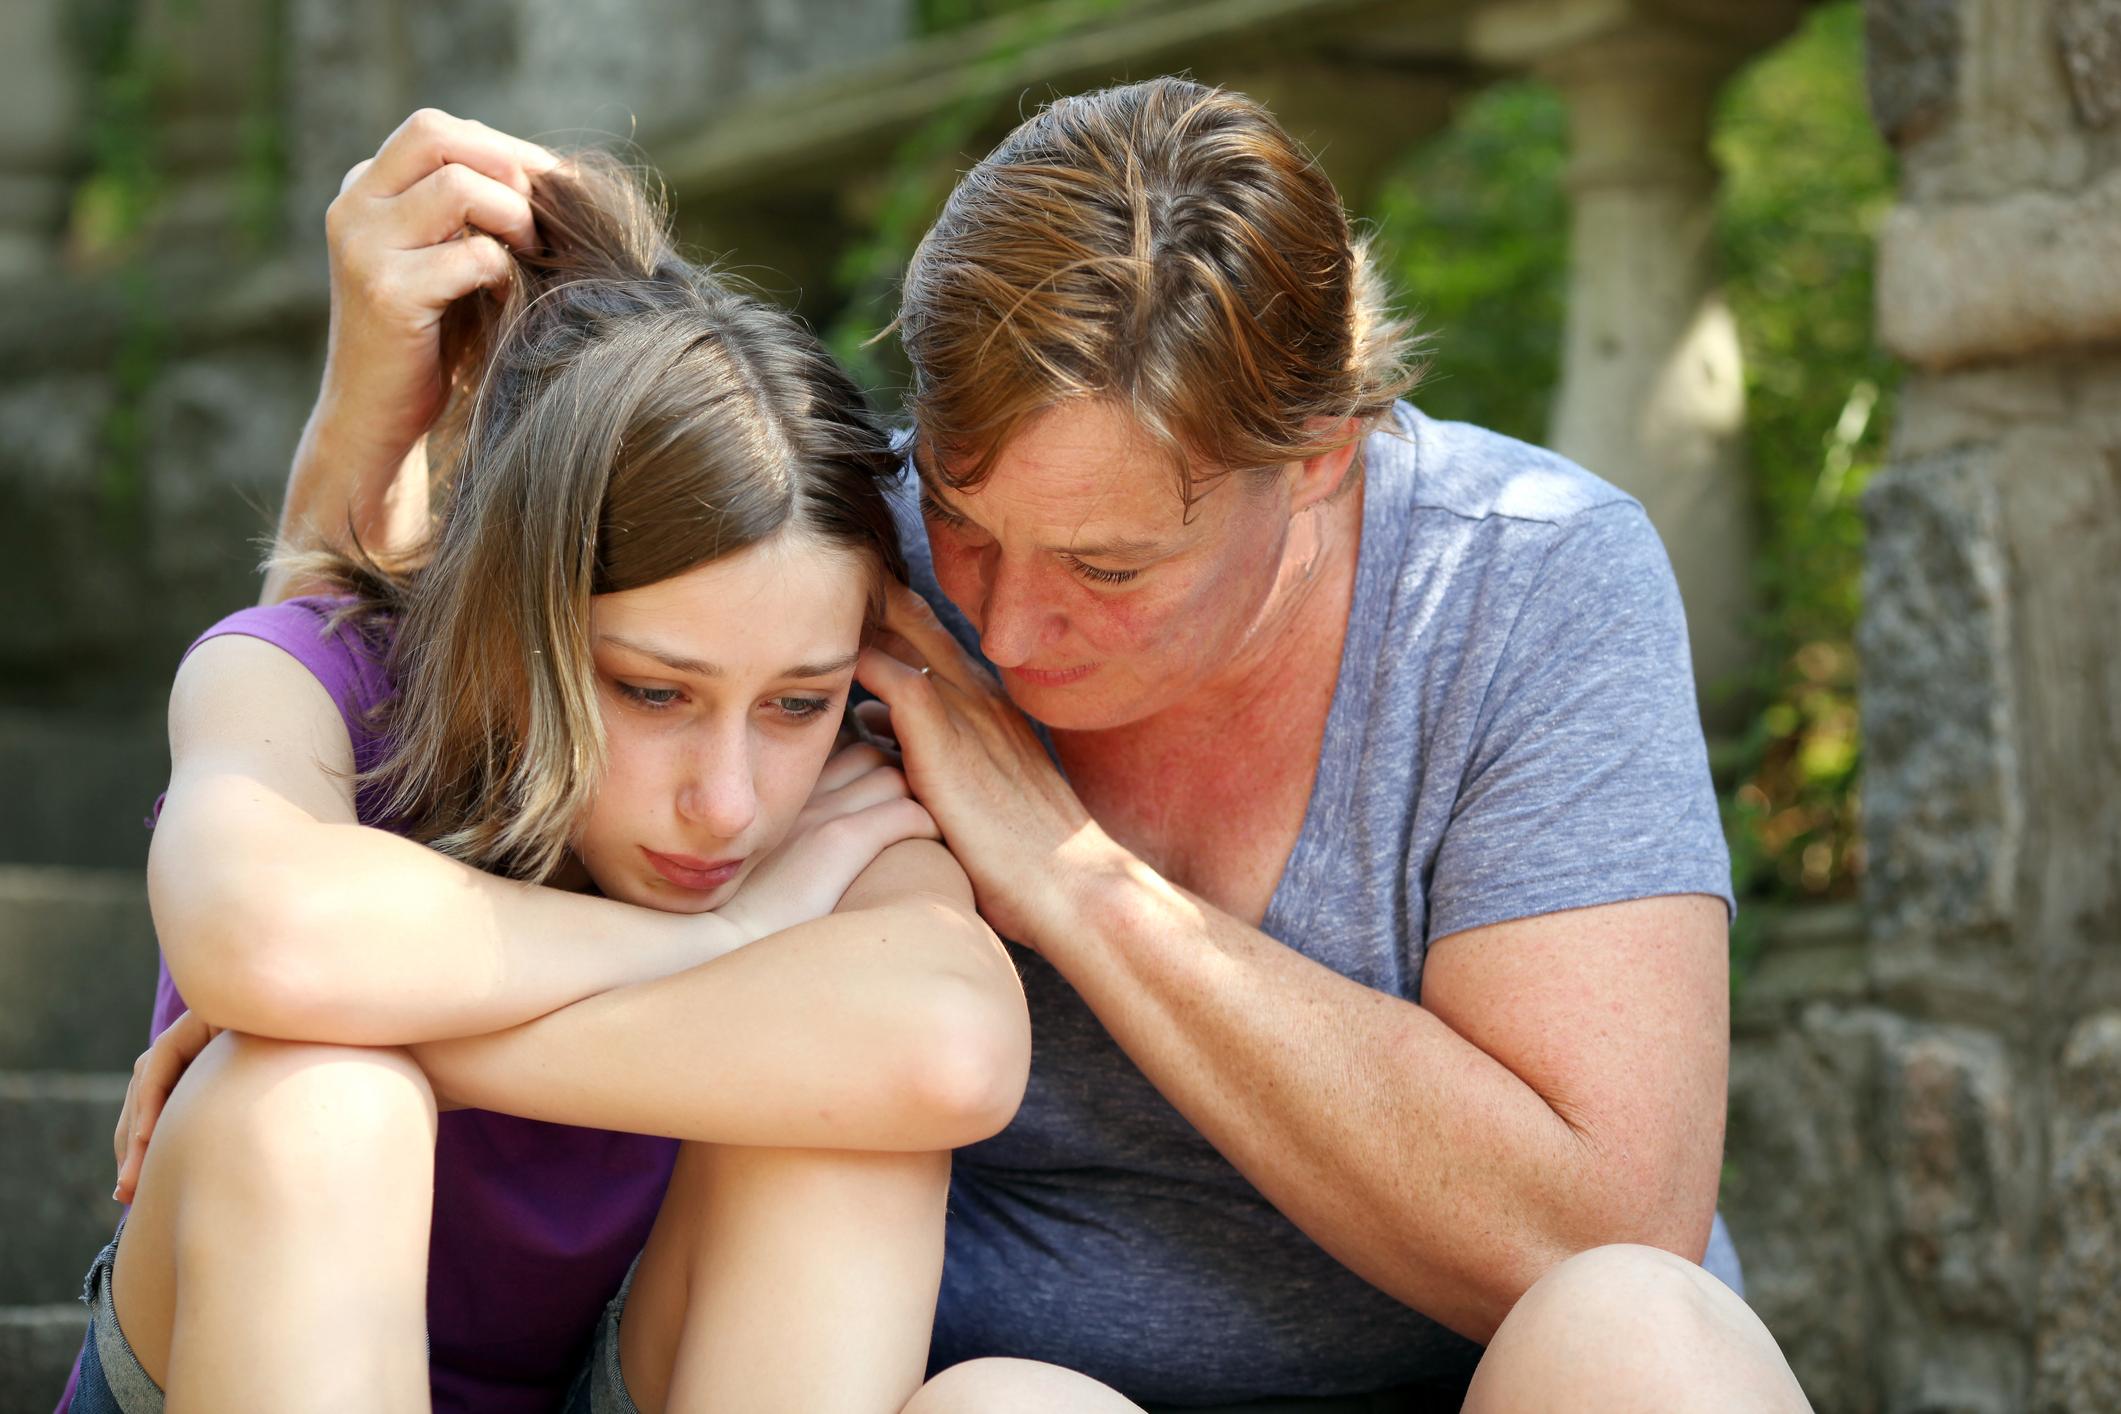 mom comforts teen daughter